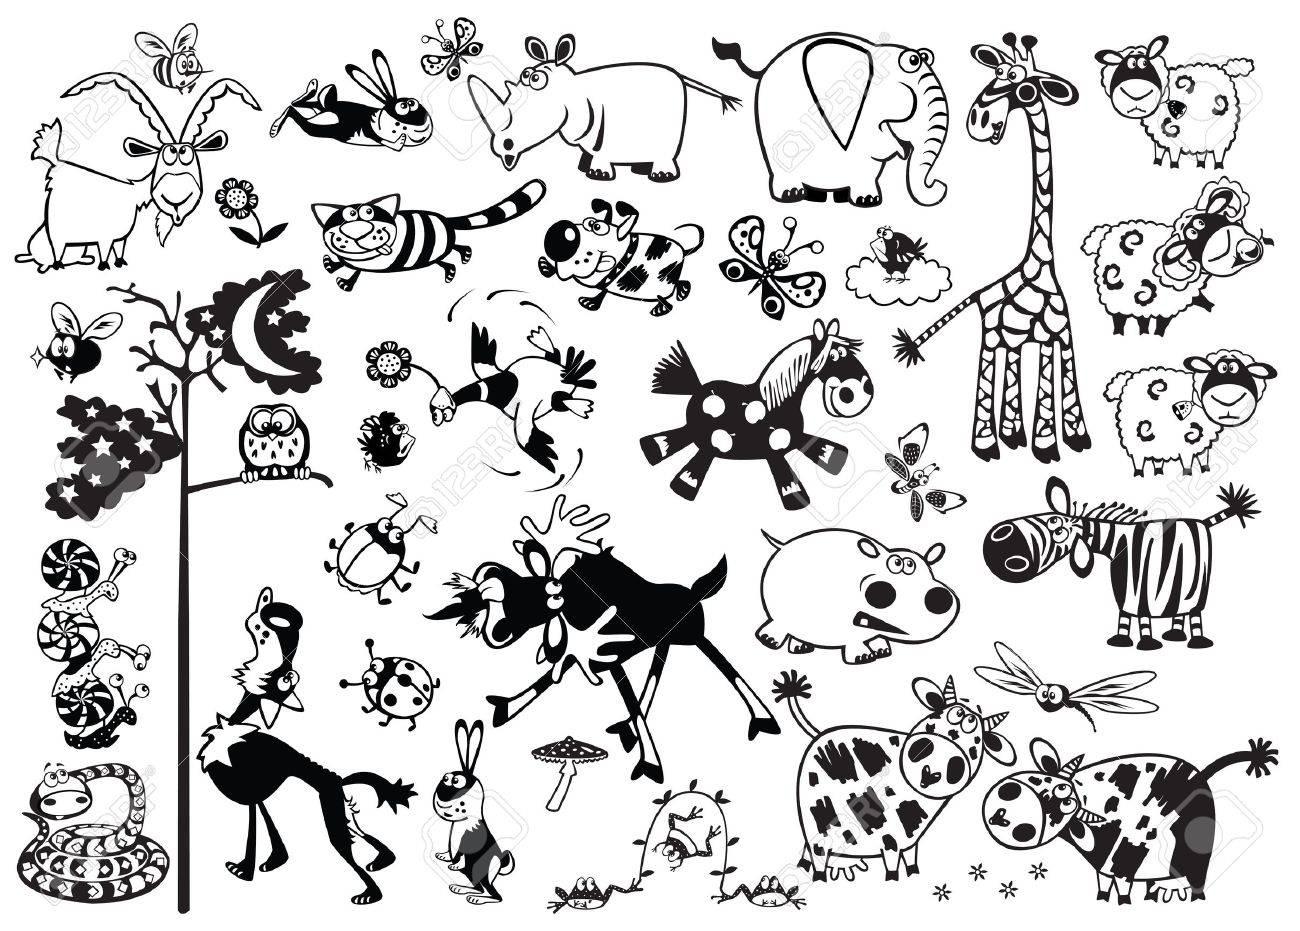 Dibujos Bonitos De La Vírgen De Guadalupe Para Niños